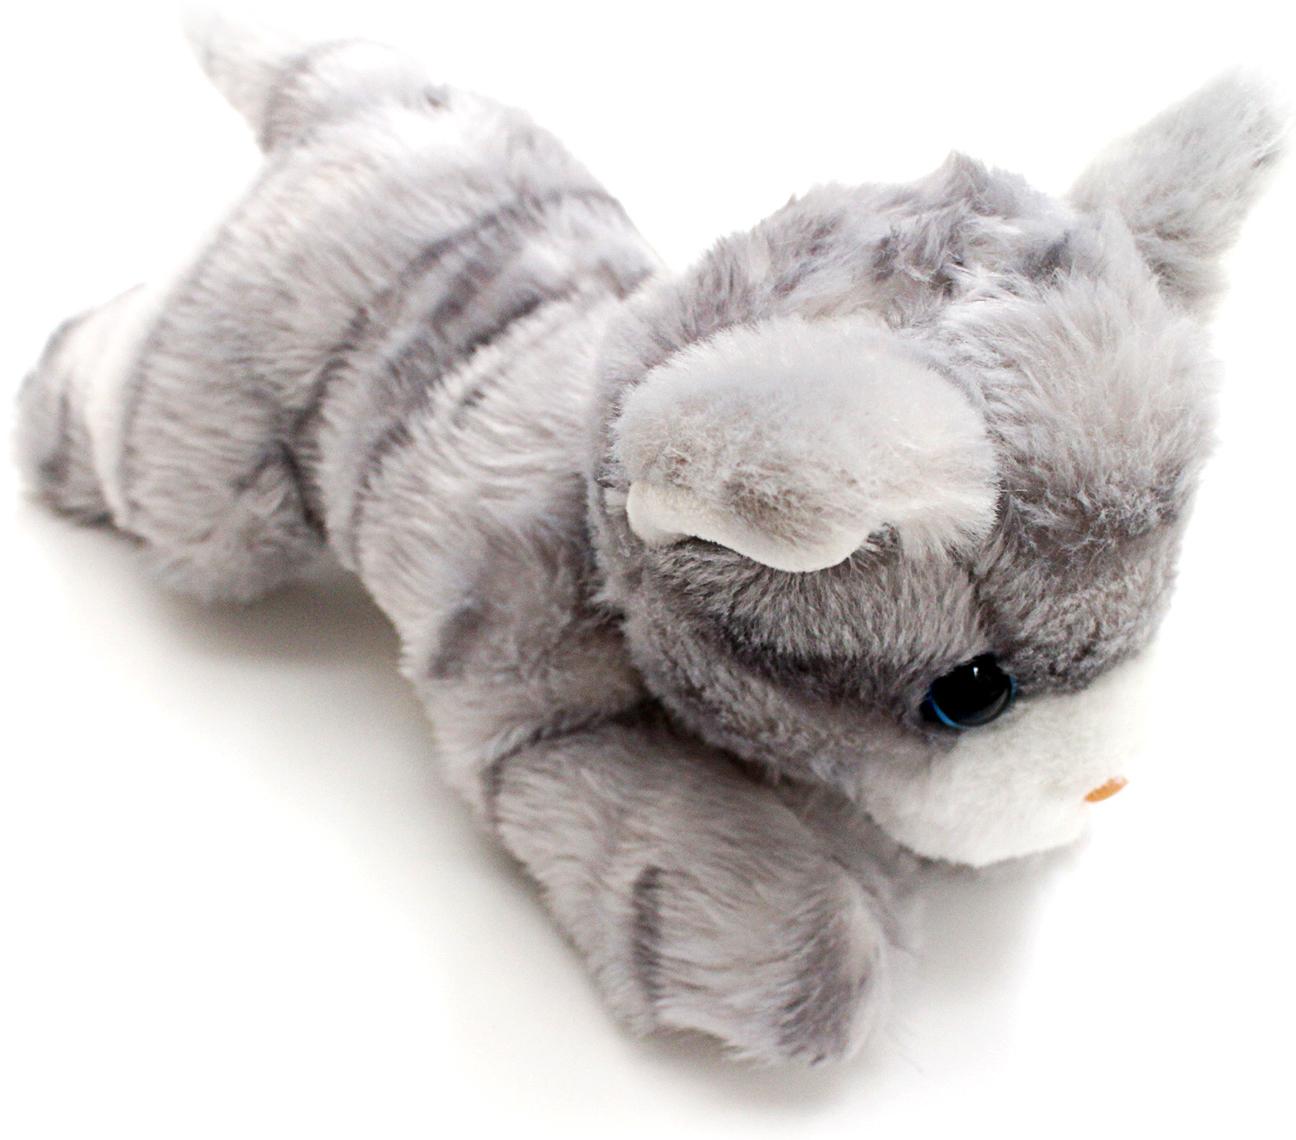 Мягкие игрушки Button Blue Мягкая игрушка Button Blue «Котенок» 23 см серый игрушка арт 1805 36 мягкая игрушка котенок трехшерстный м